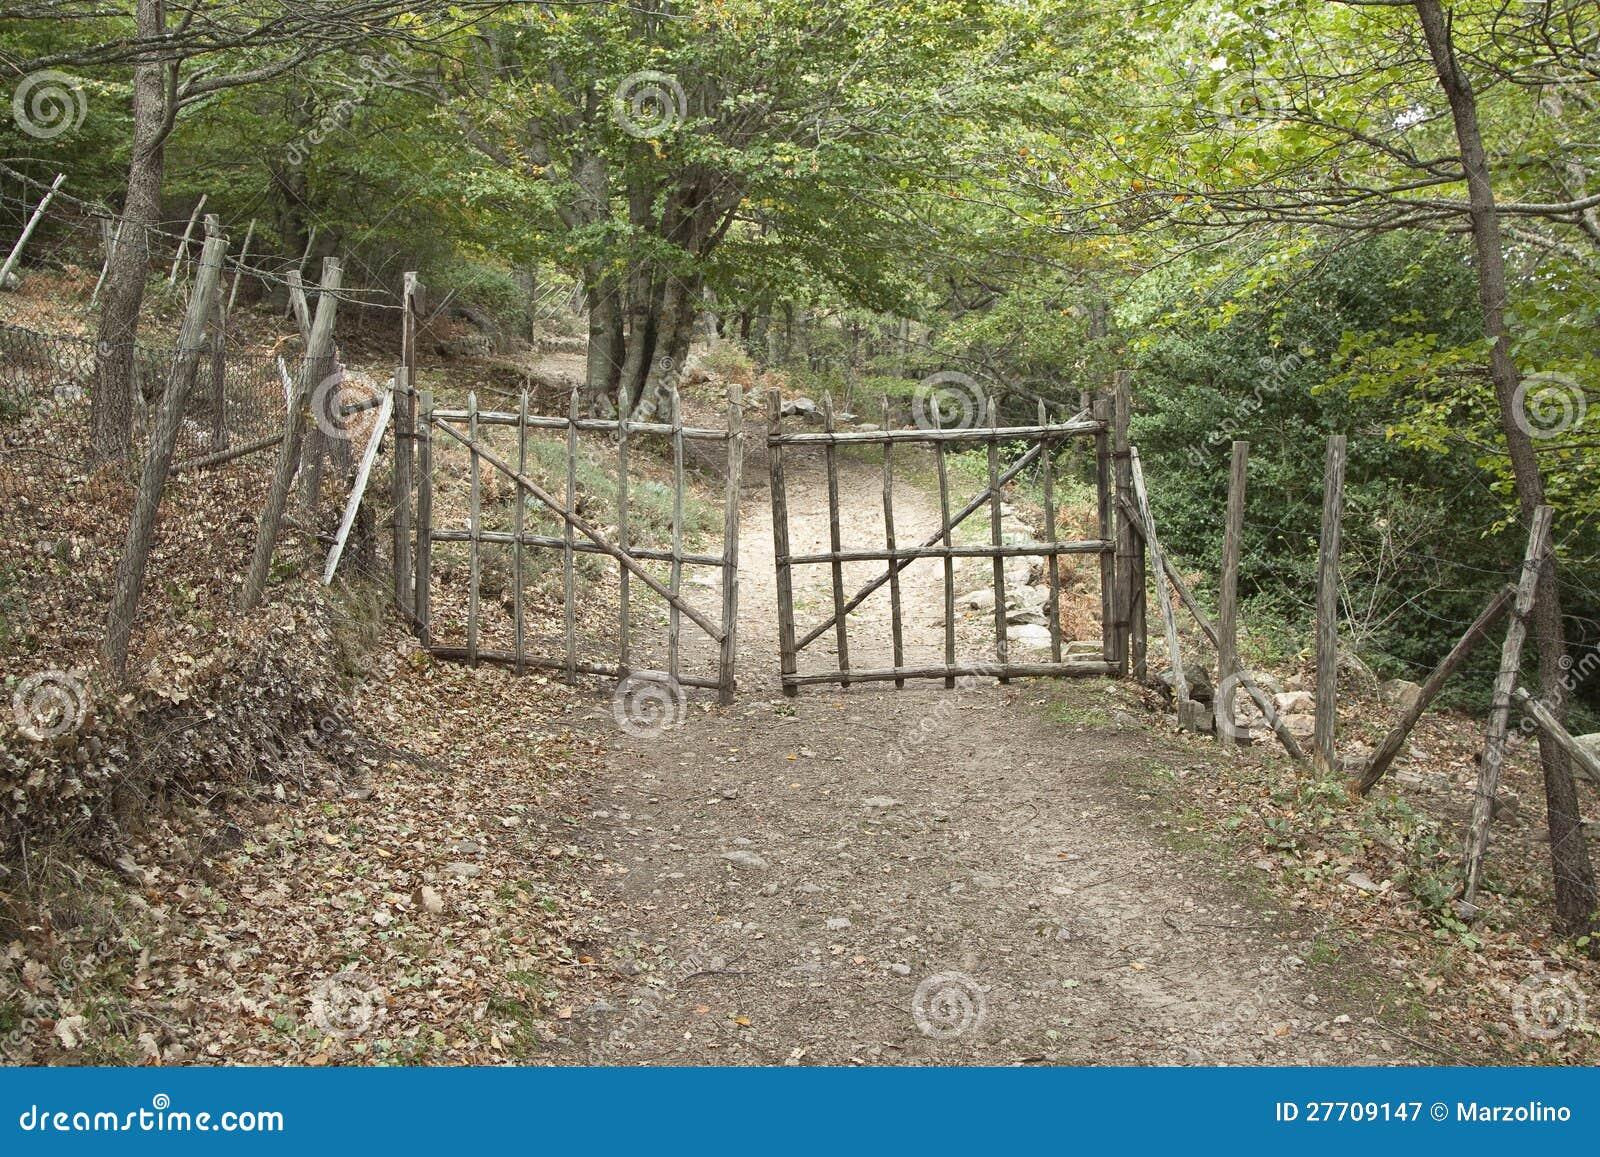 Cancello Di Legno Usato : Cancello di legno immagine stock immagine di albero